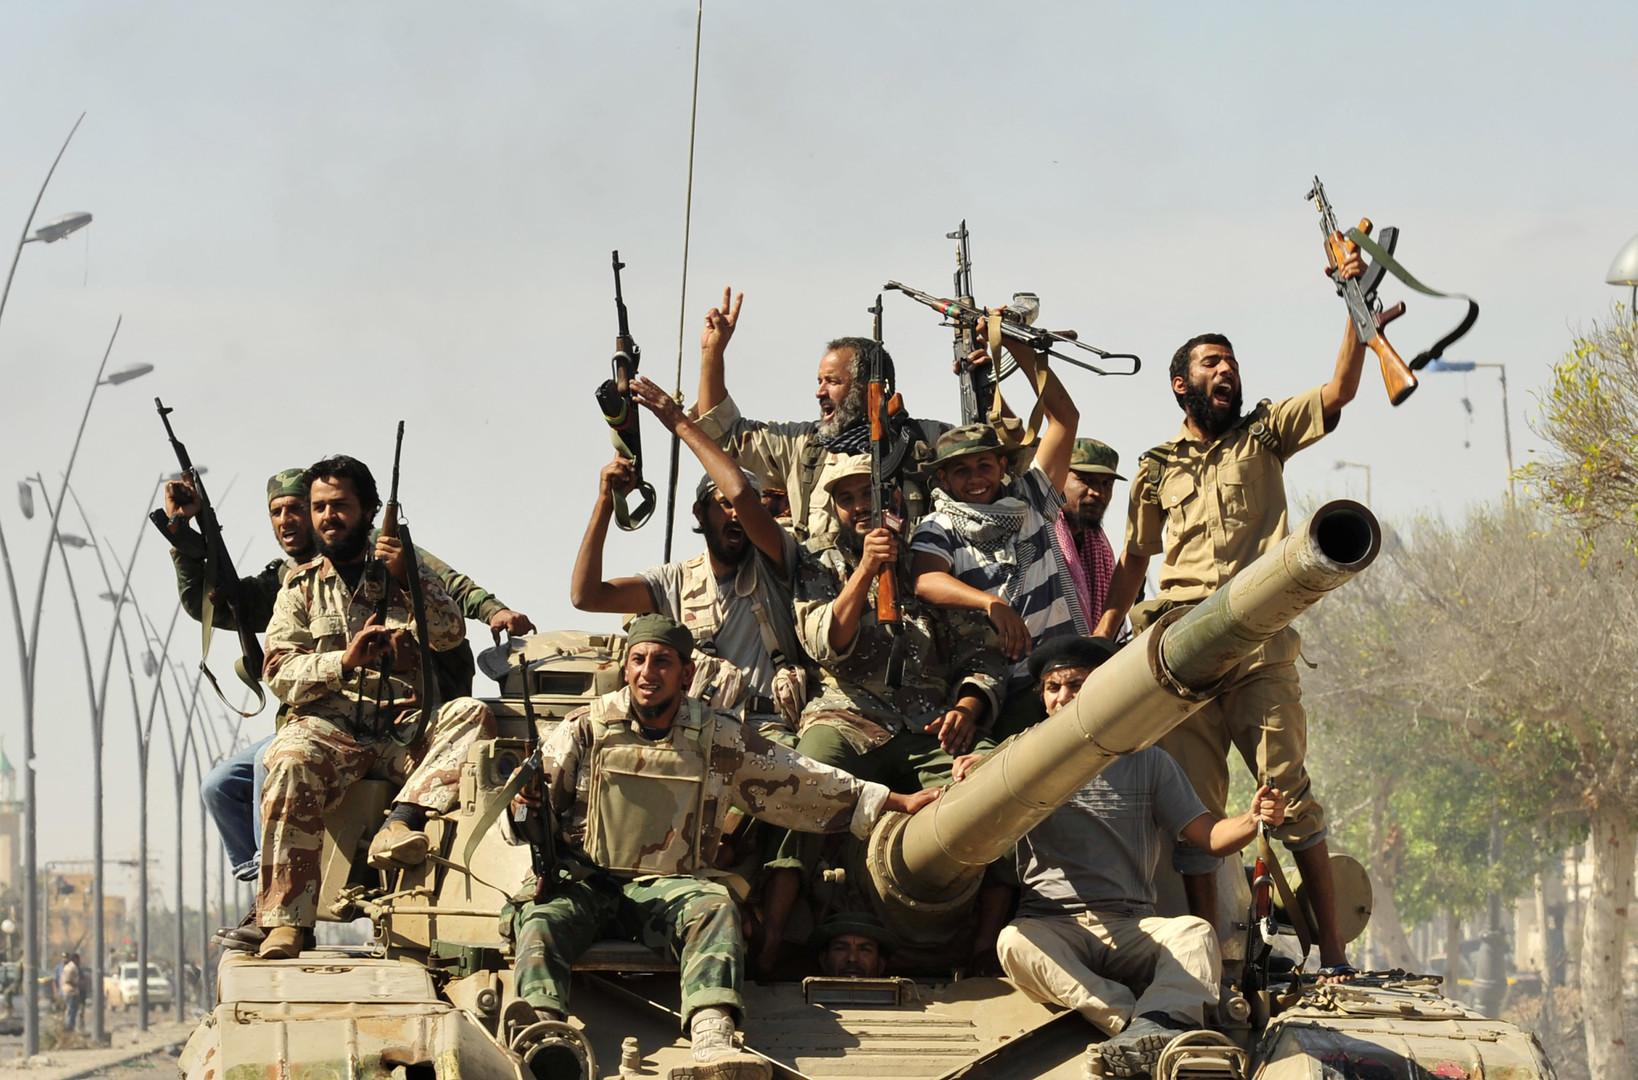 Die westliche Intervention befeuerte das Chaos in Libyen.